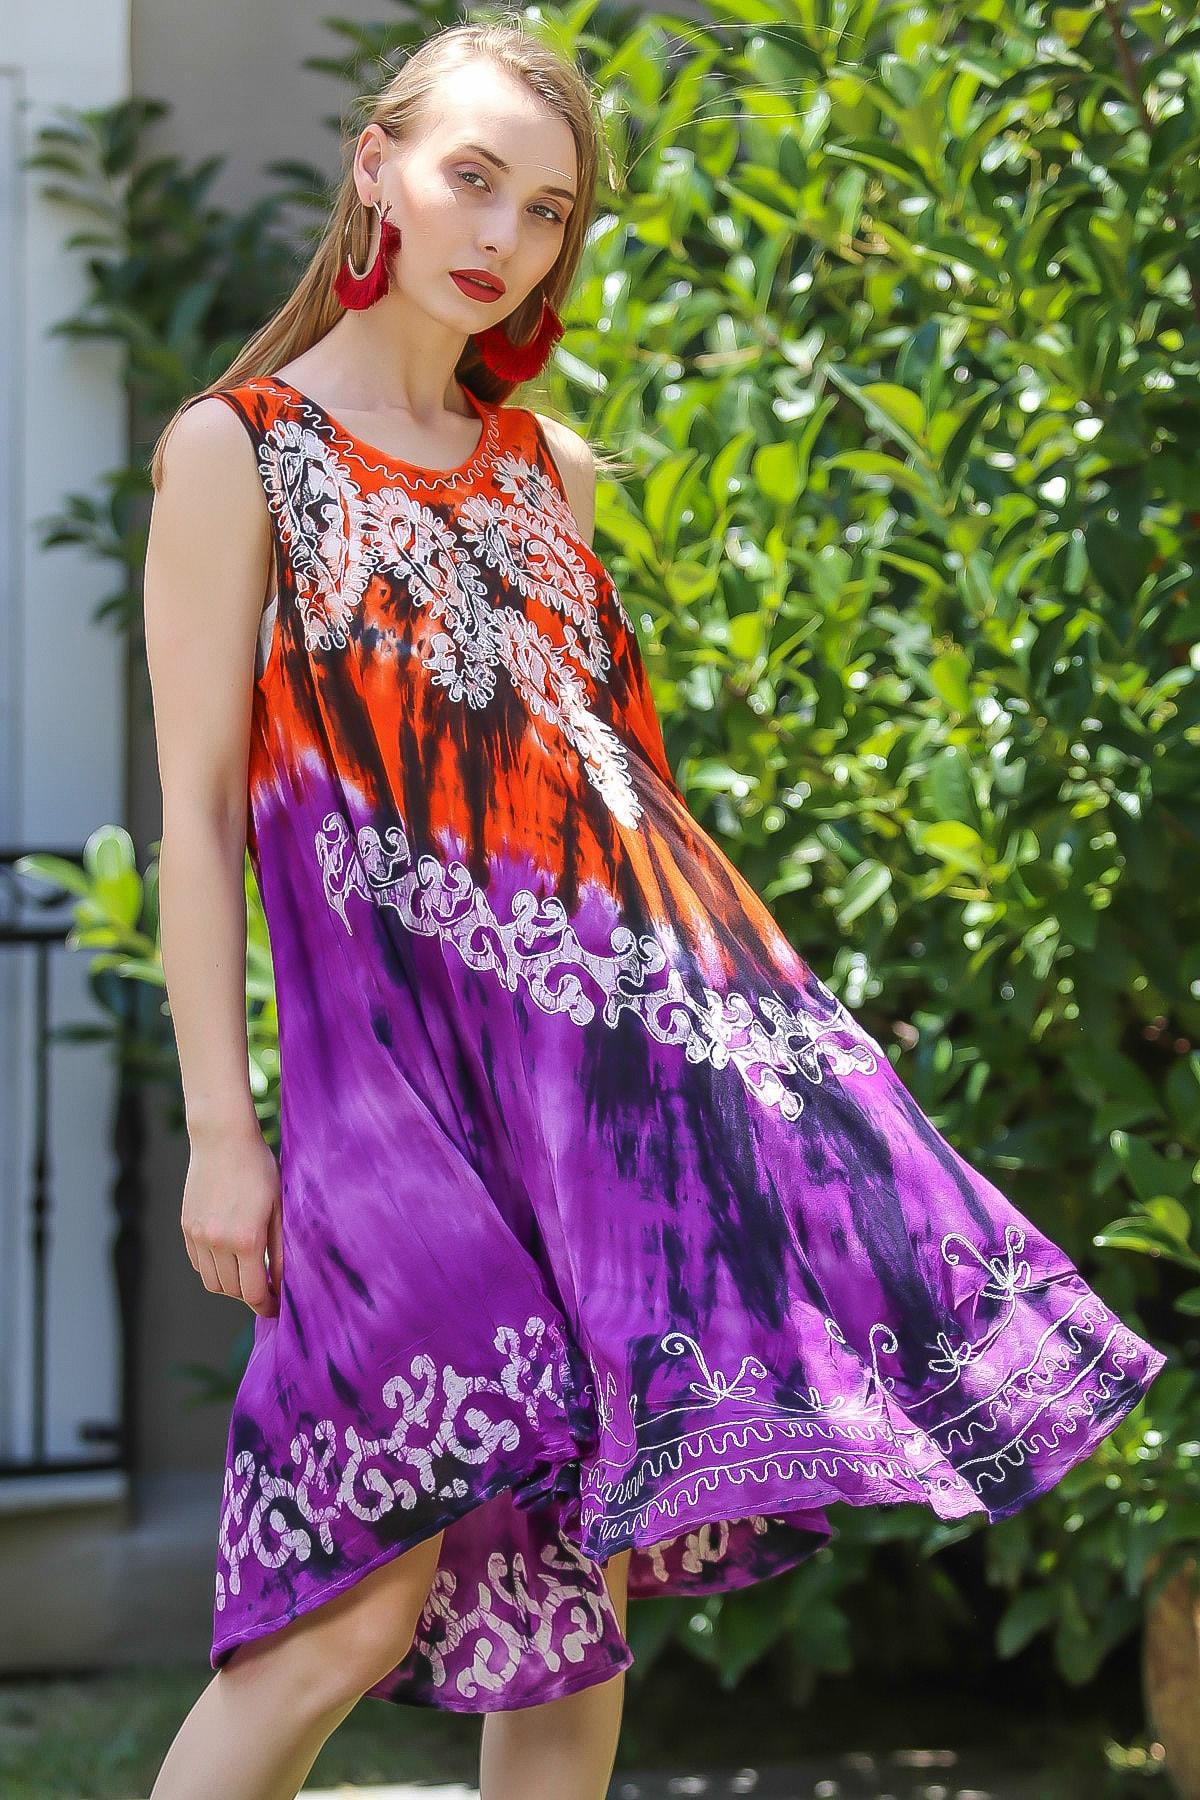 Chiccy Kadın Turuncu-Mor Bohem Batik Yakası Çiçek Desenli Elbise M10160000El96545